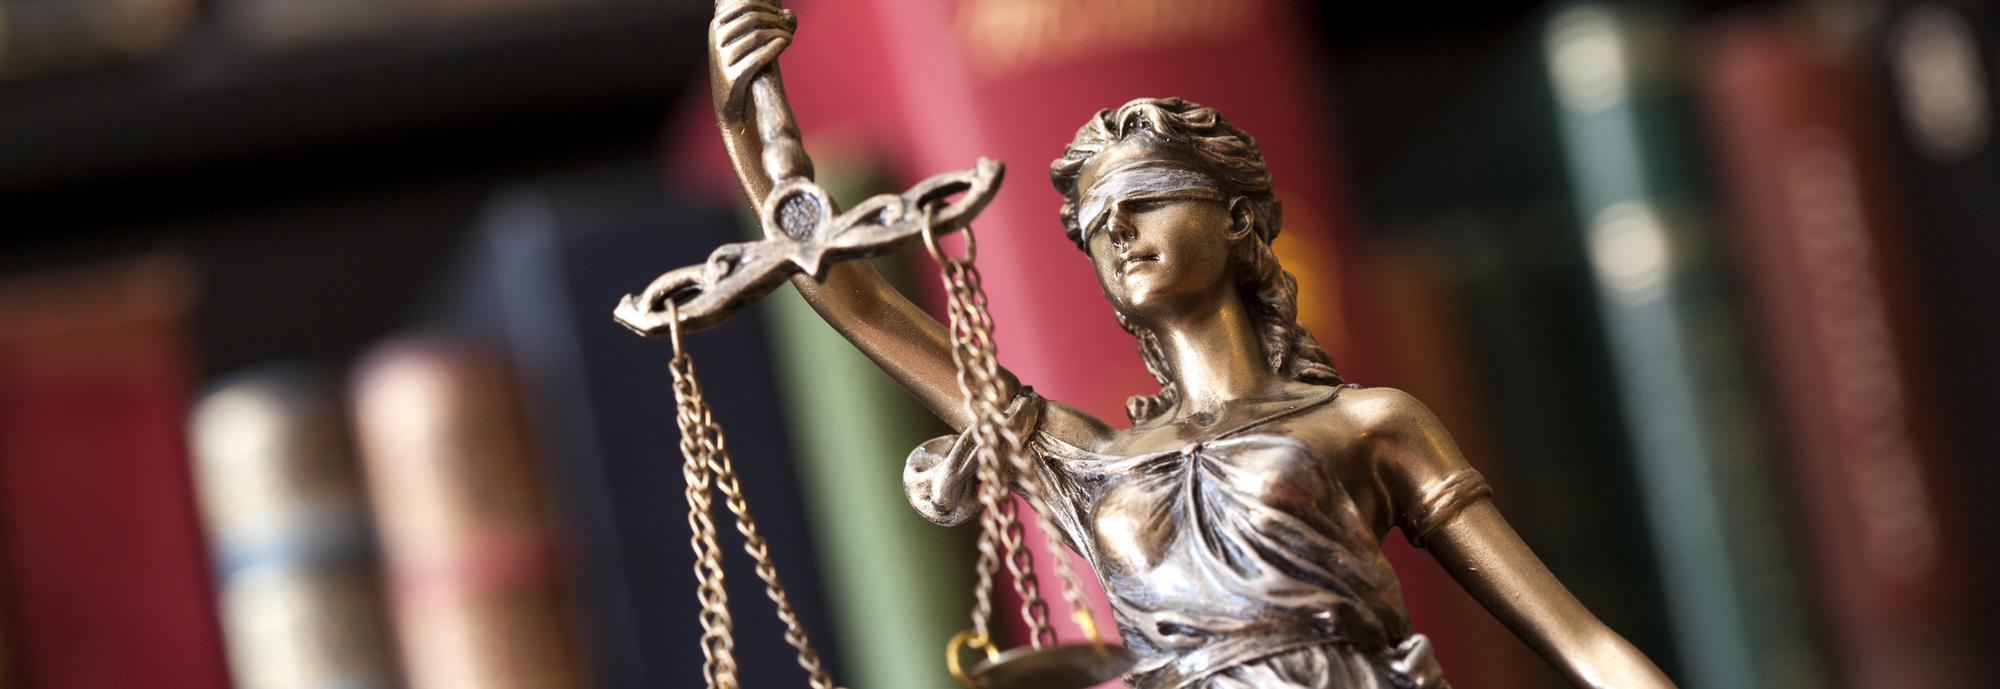 <p>Etude V&eacute;ronique Reyter, Huissier de justice</p>